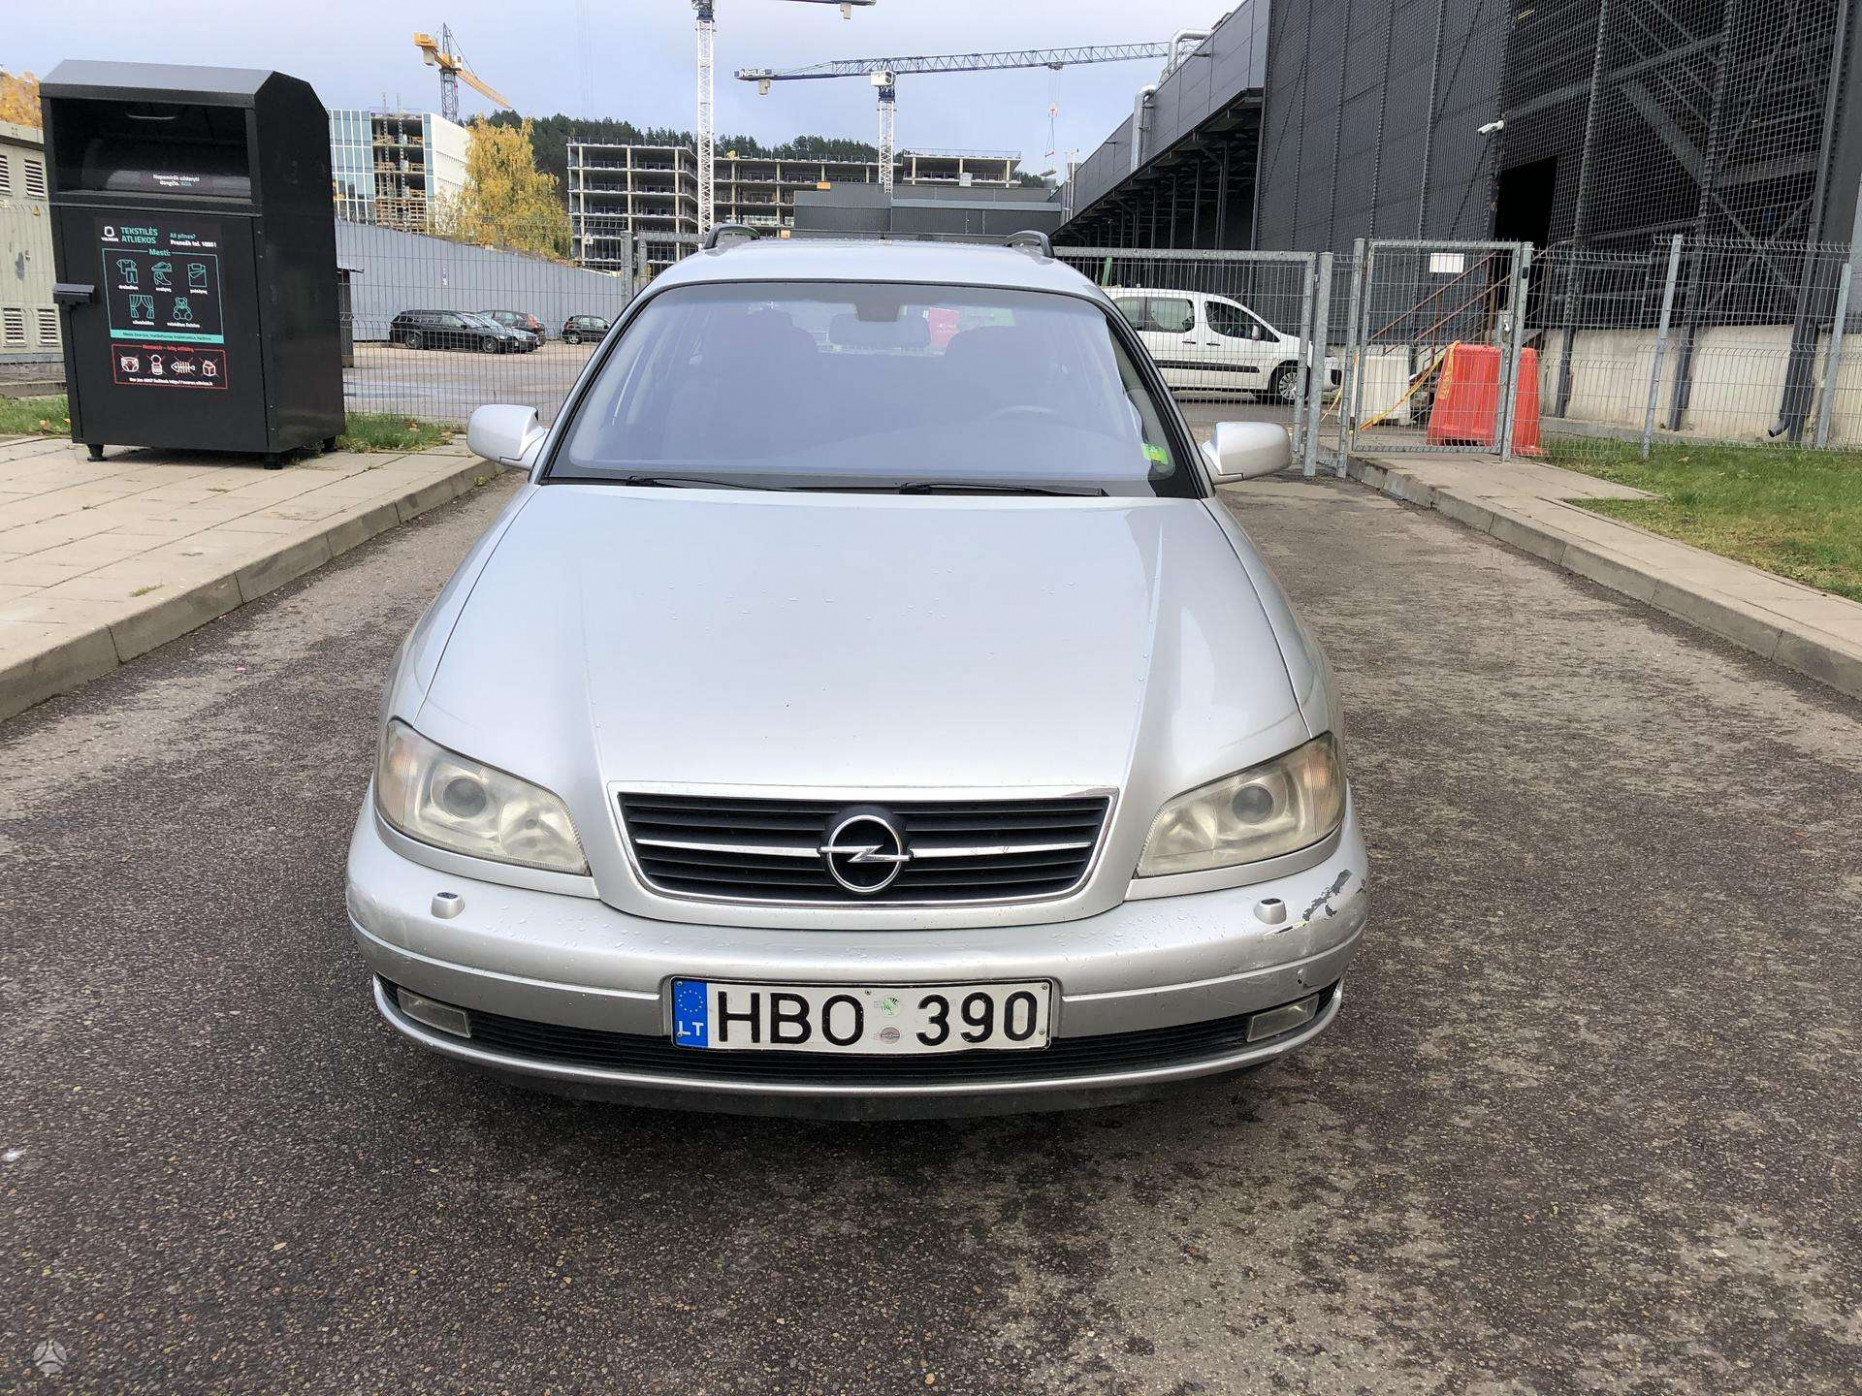 Release Date Opel Omega 2022